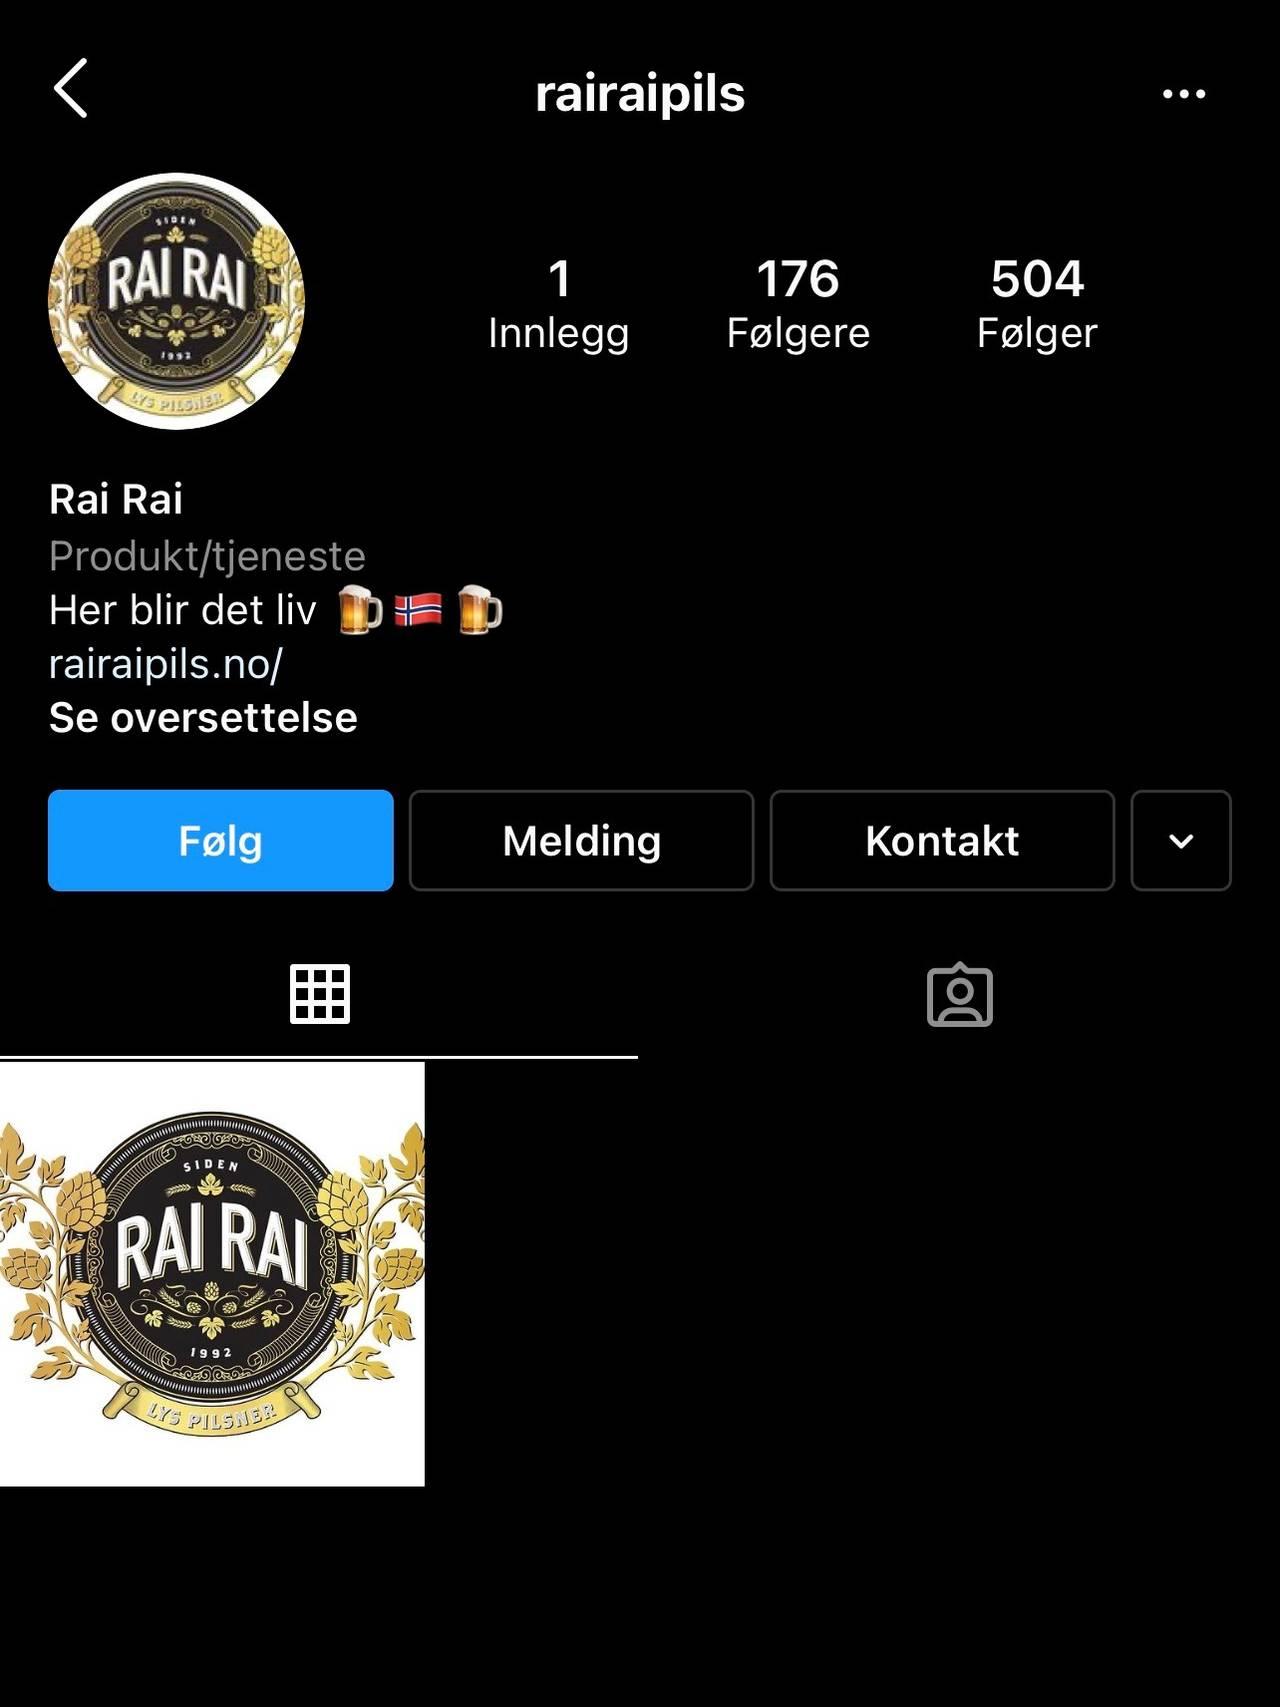 Slik ser Instagram-flyten til rairaipils ut nå.